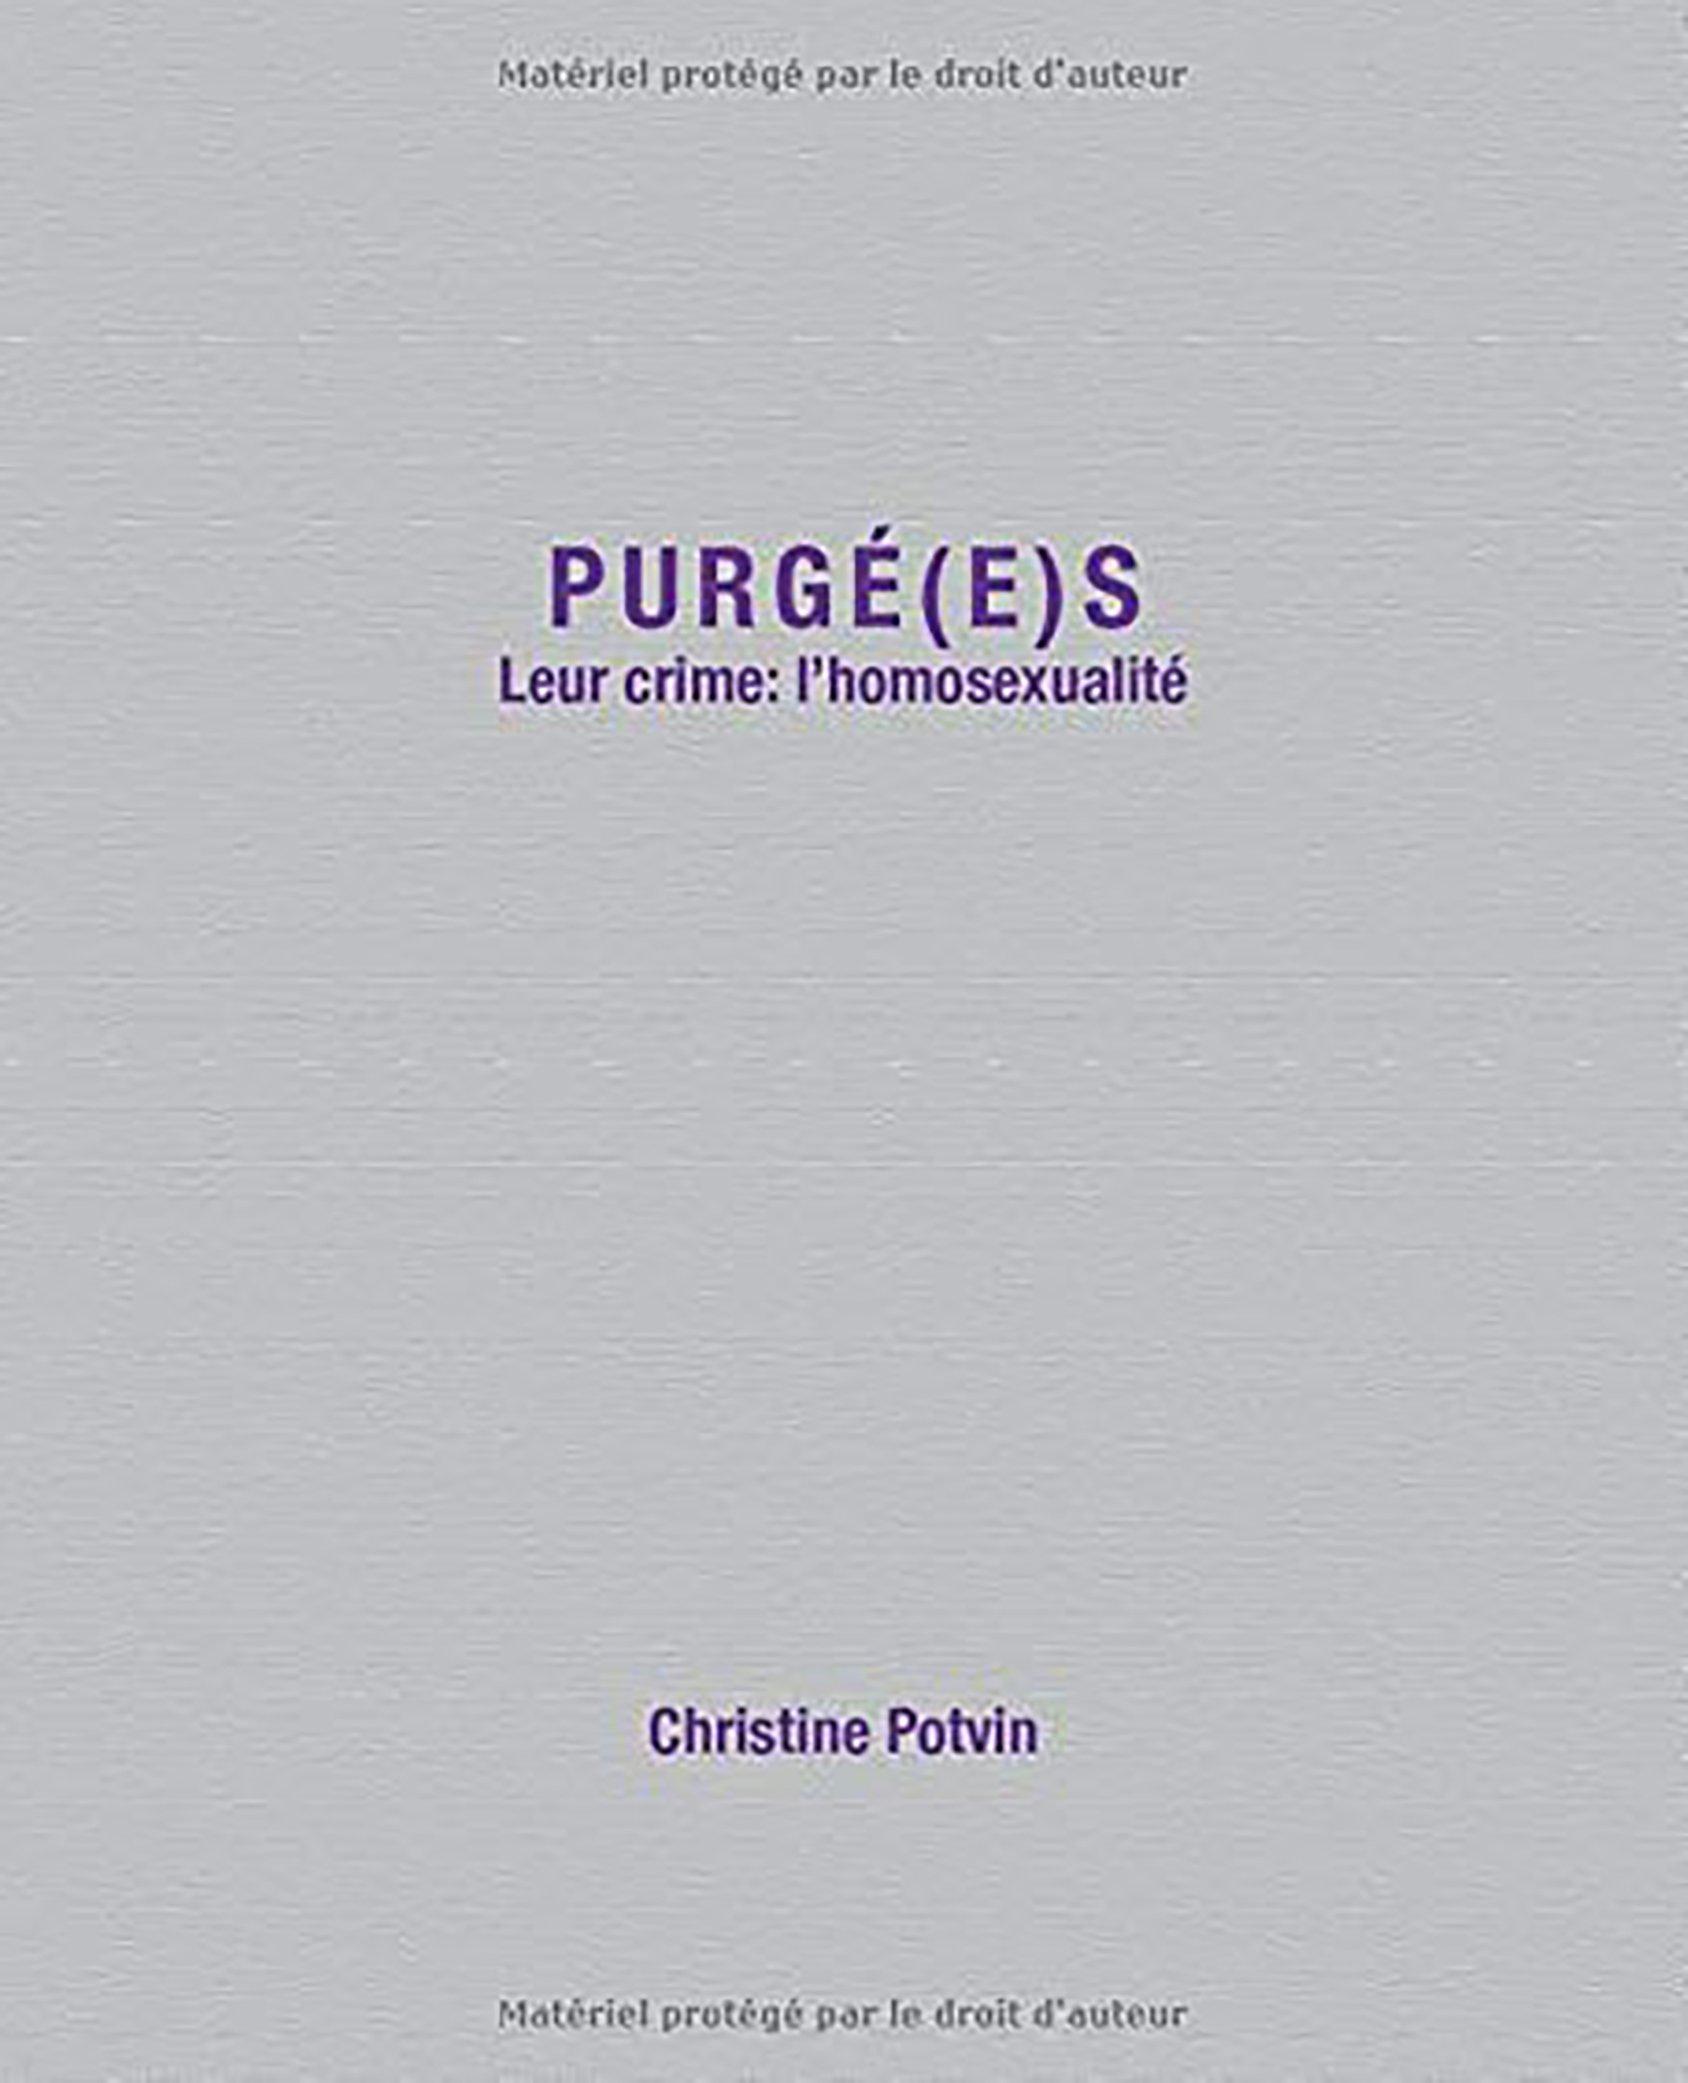 Christine Potvin - Purgee